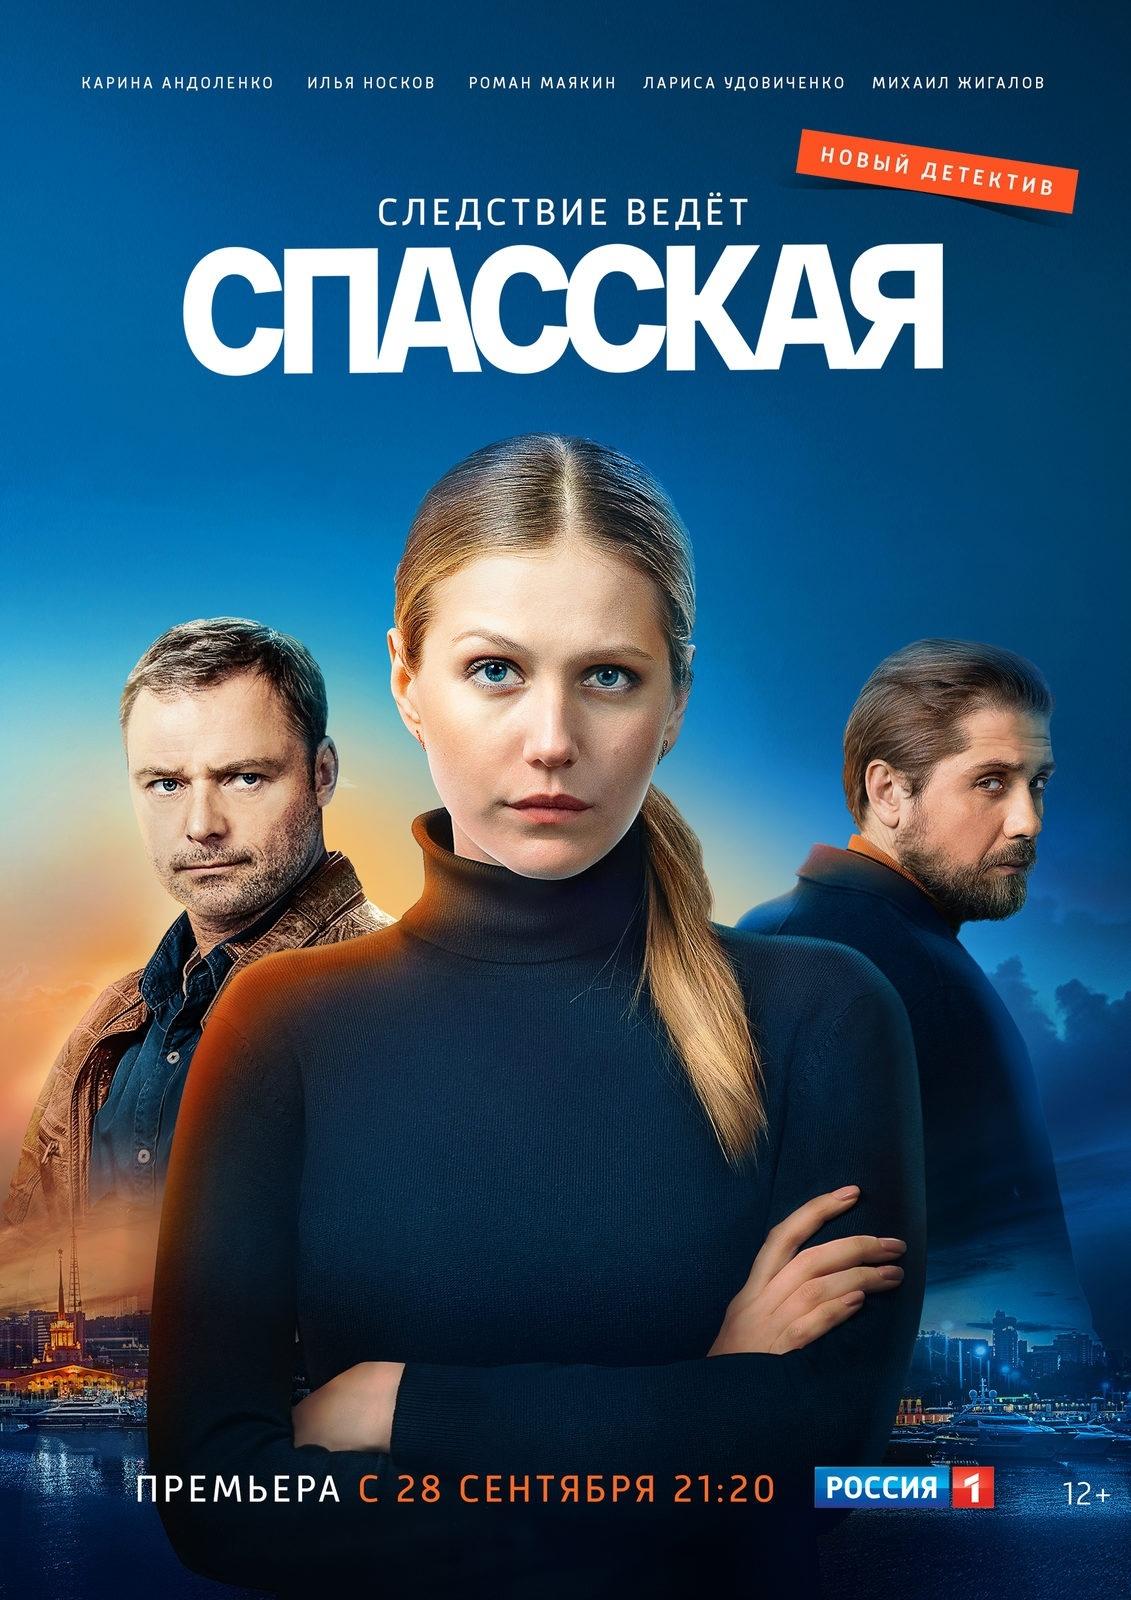 Детектив «Cпaccкaя» (2020) 1-4 серия из 16